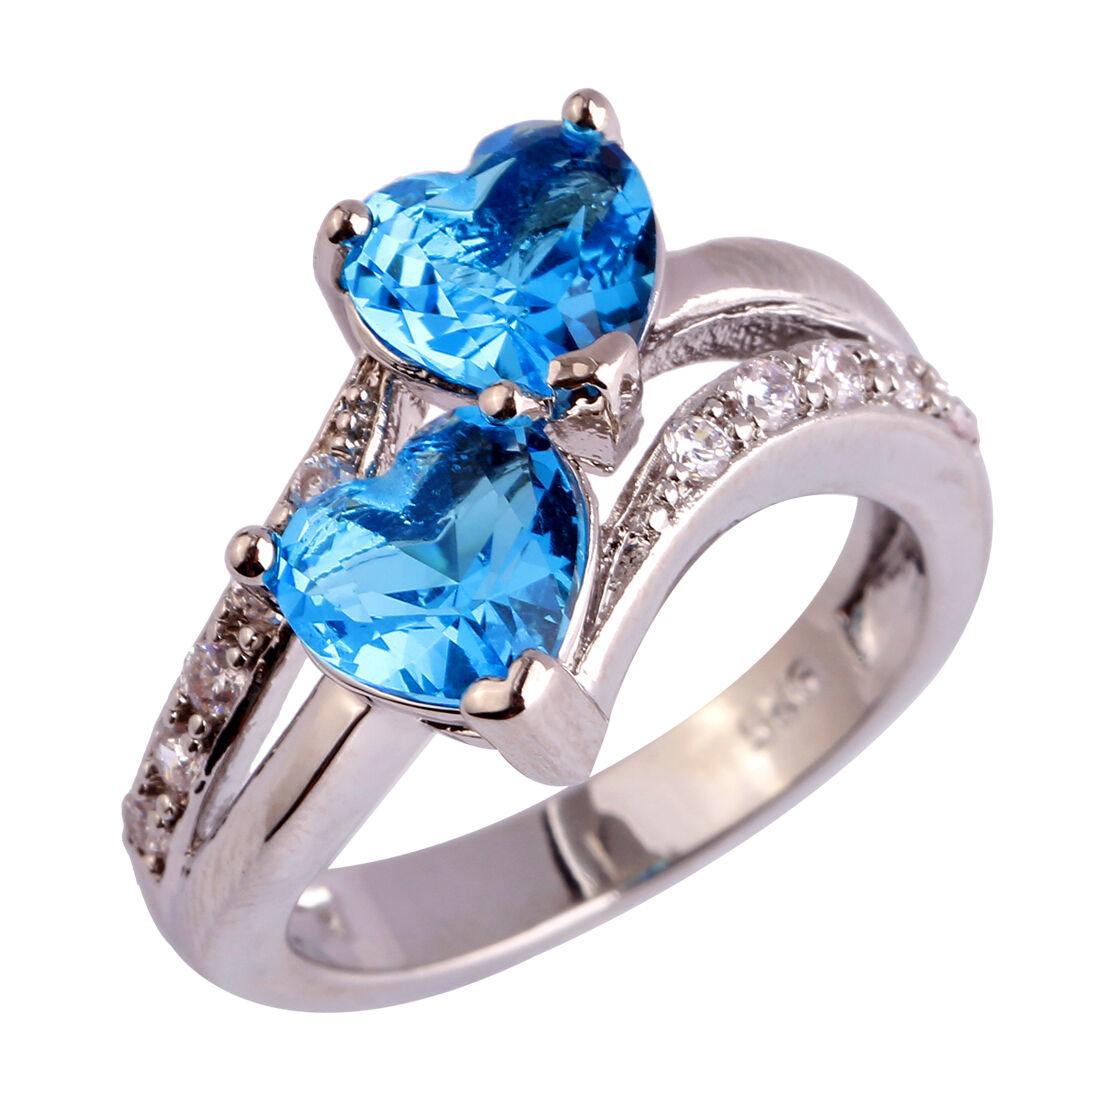 Pretty Emerald Cut Amethyst Gemstones Silver Ring Size 7 8